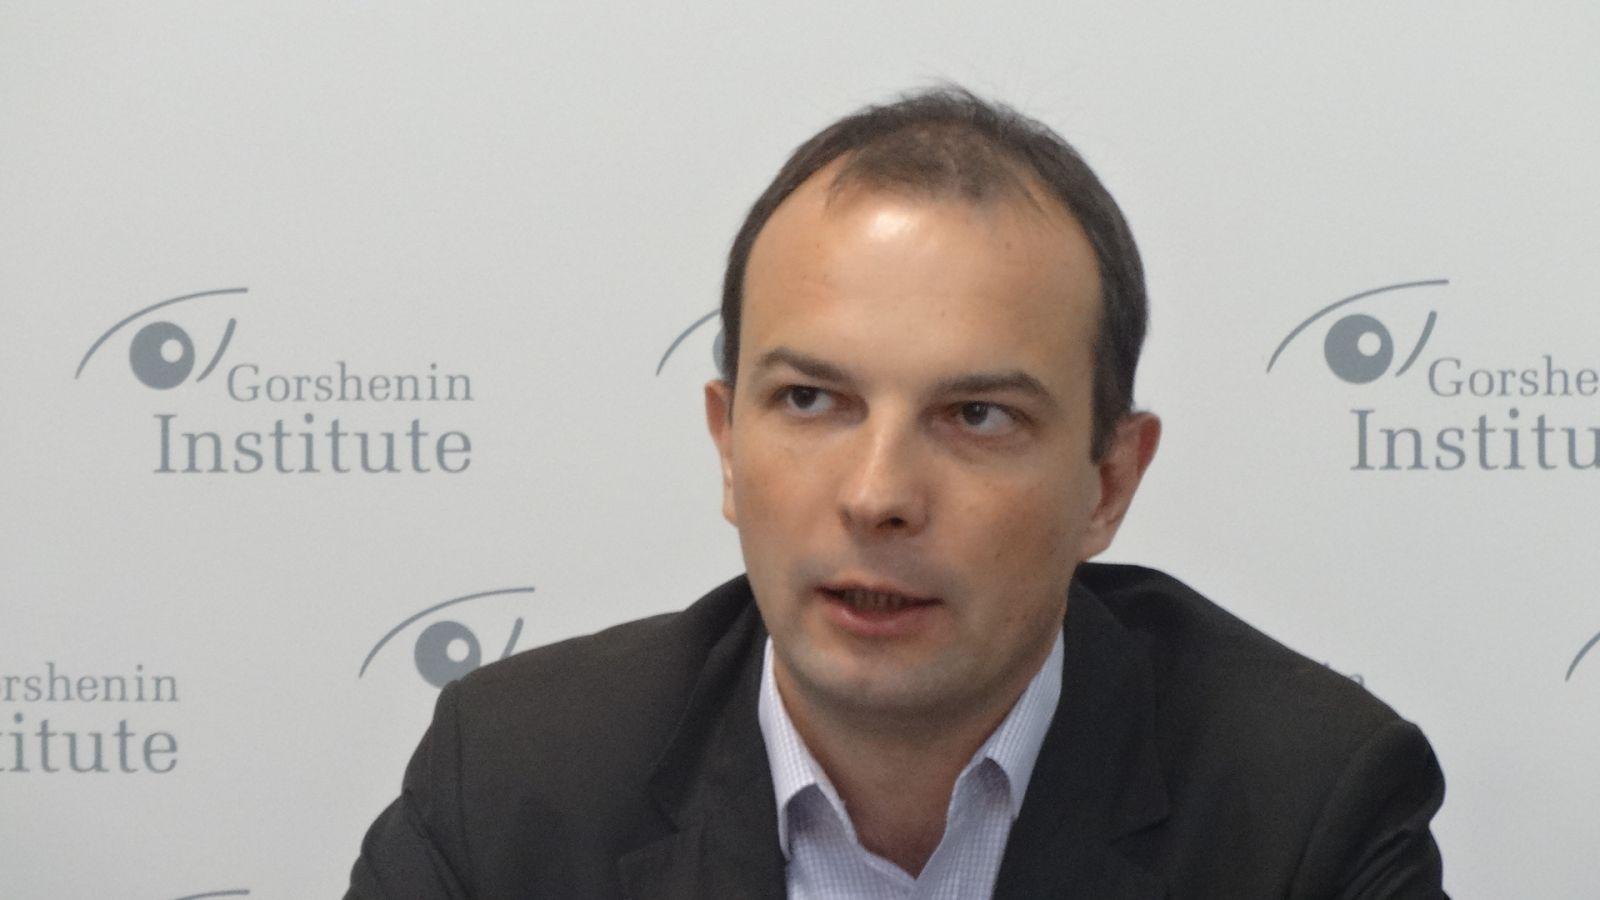 Соболев: Мы должны выгнать с должностей, желательно в тюрьму, всех должностных лиц, которые не смогут объяснить свое имущество